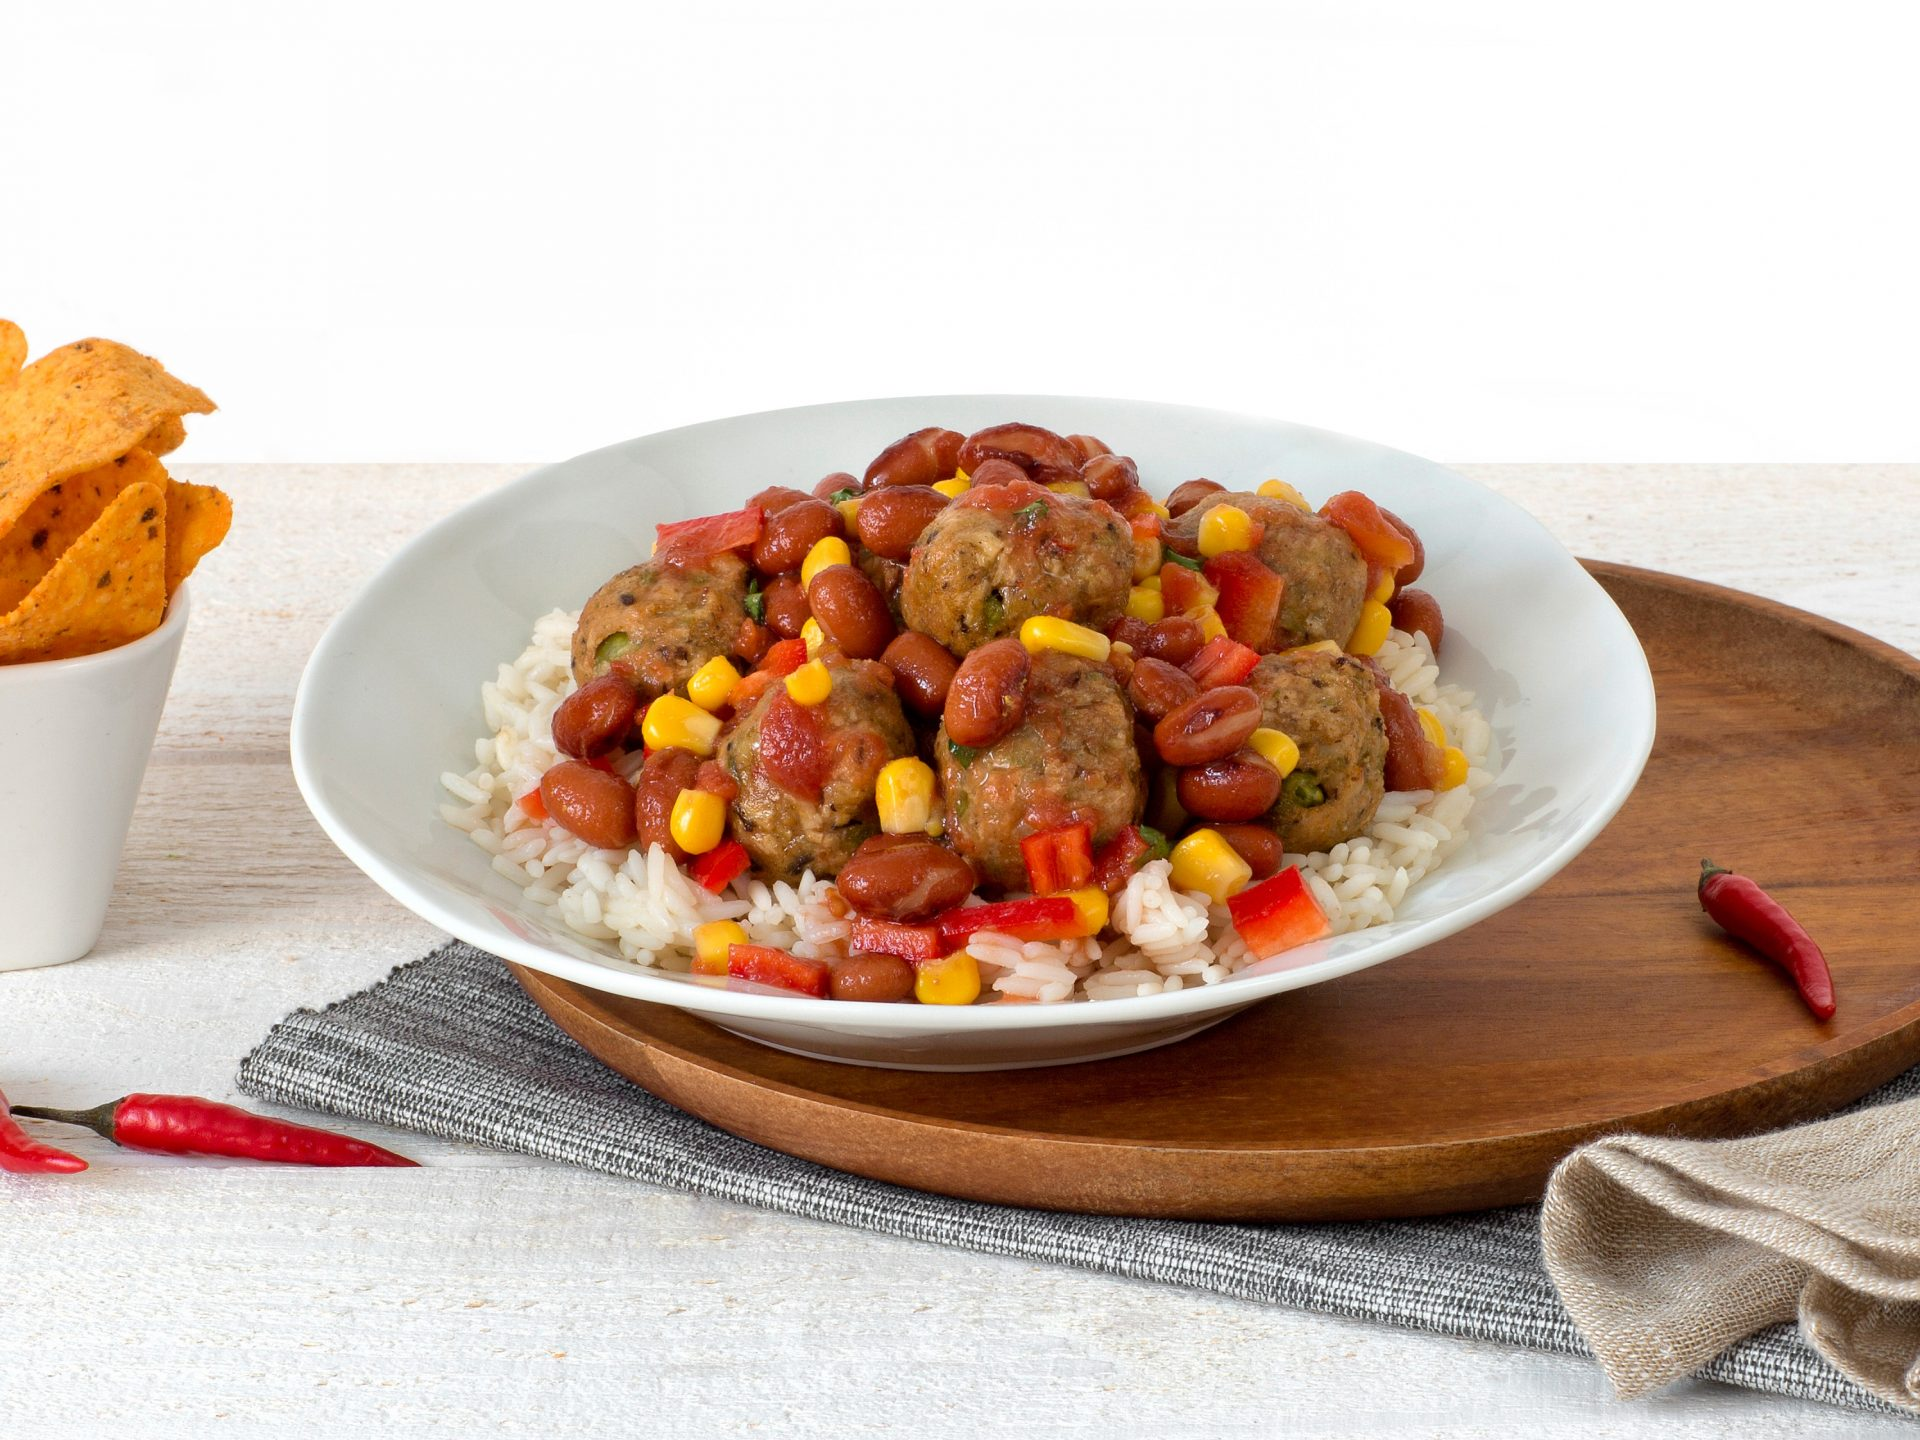 Fleischersatz: vegane Bohnen Klösschen Chili